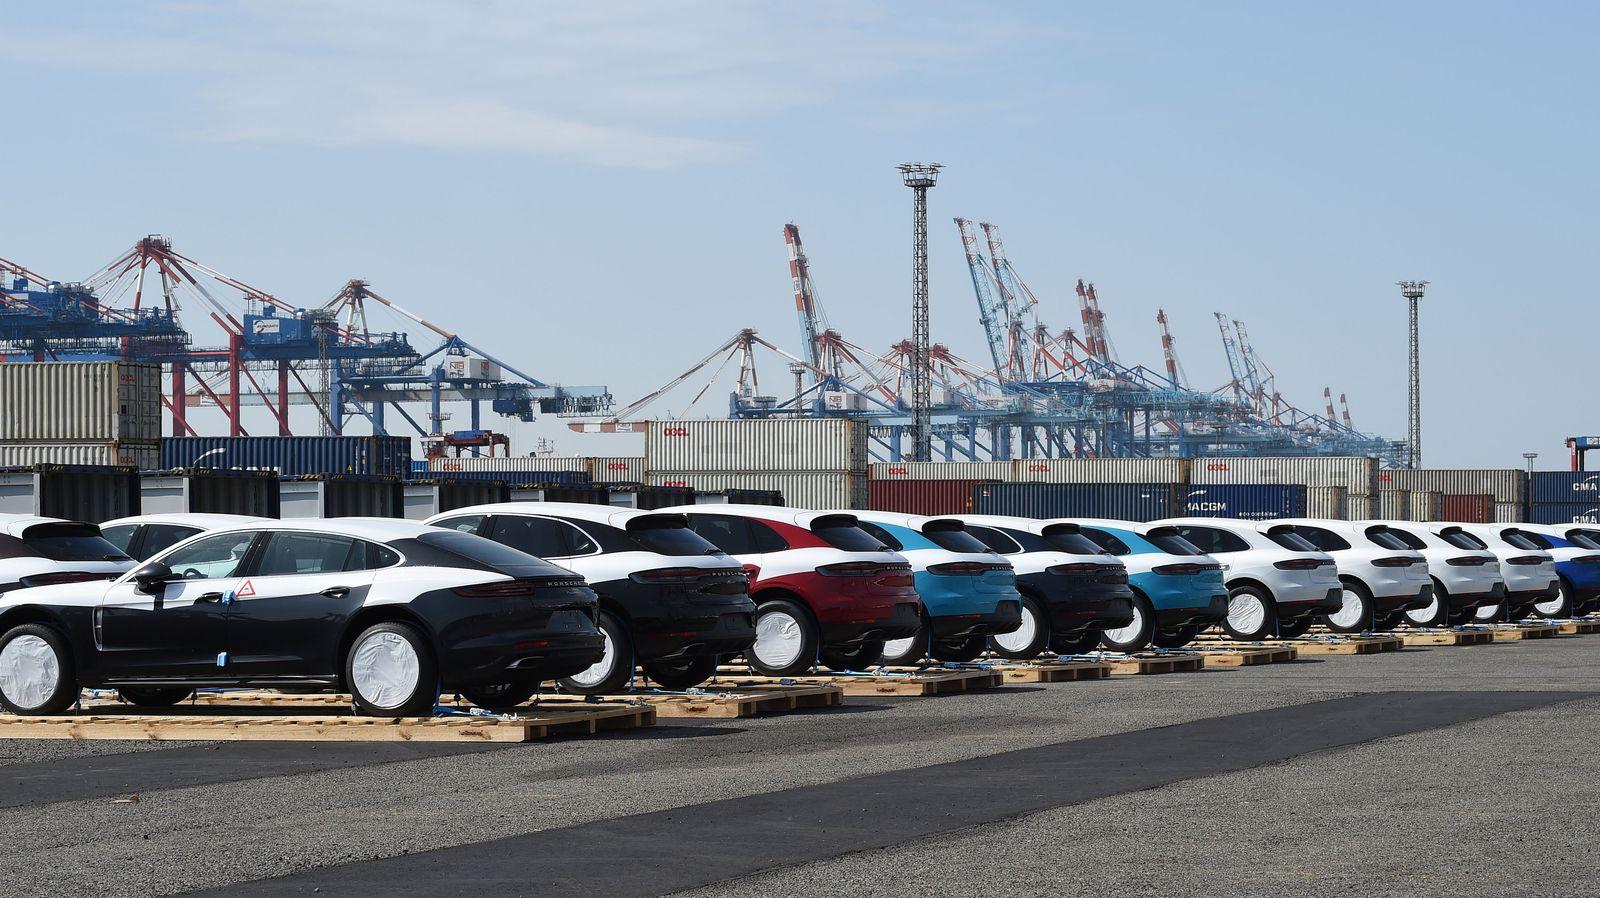 Porsche Verladung im Hafen von Bremerhaven